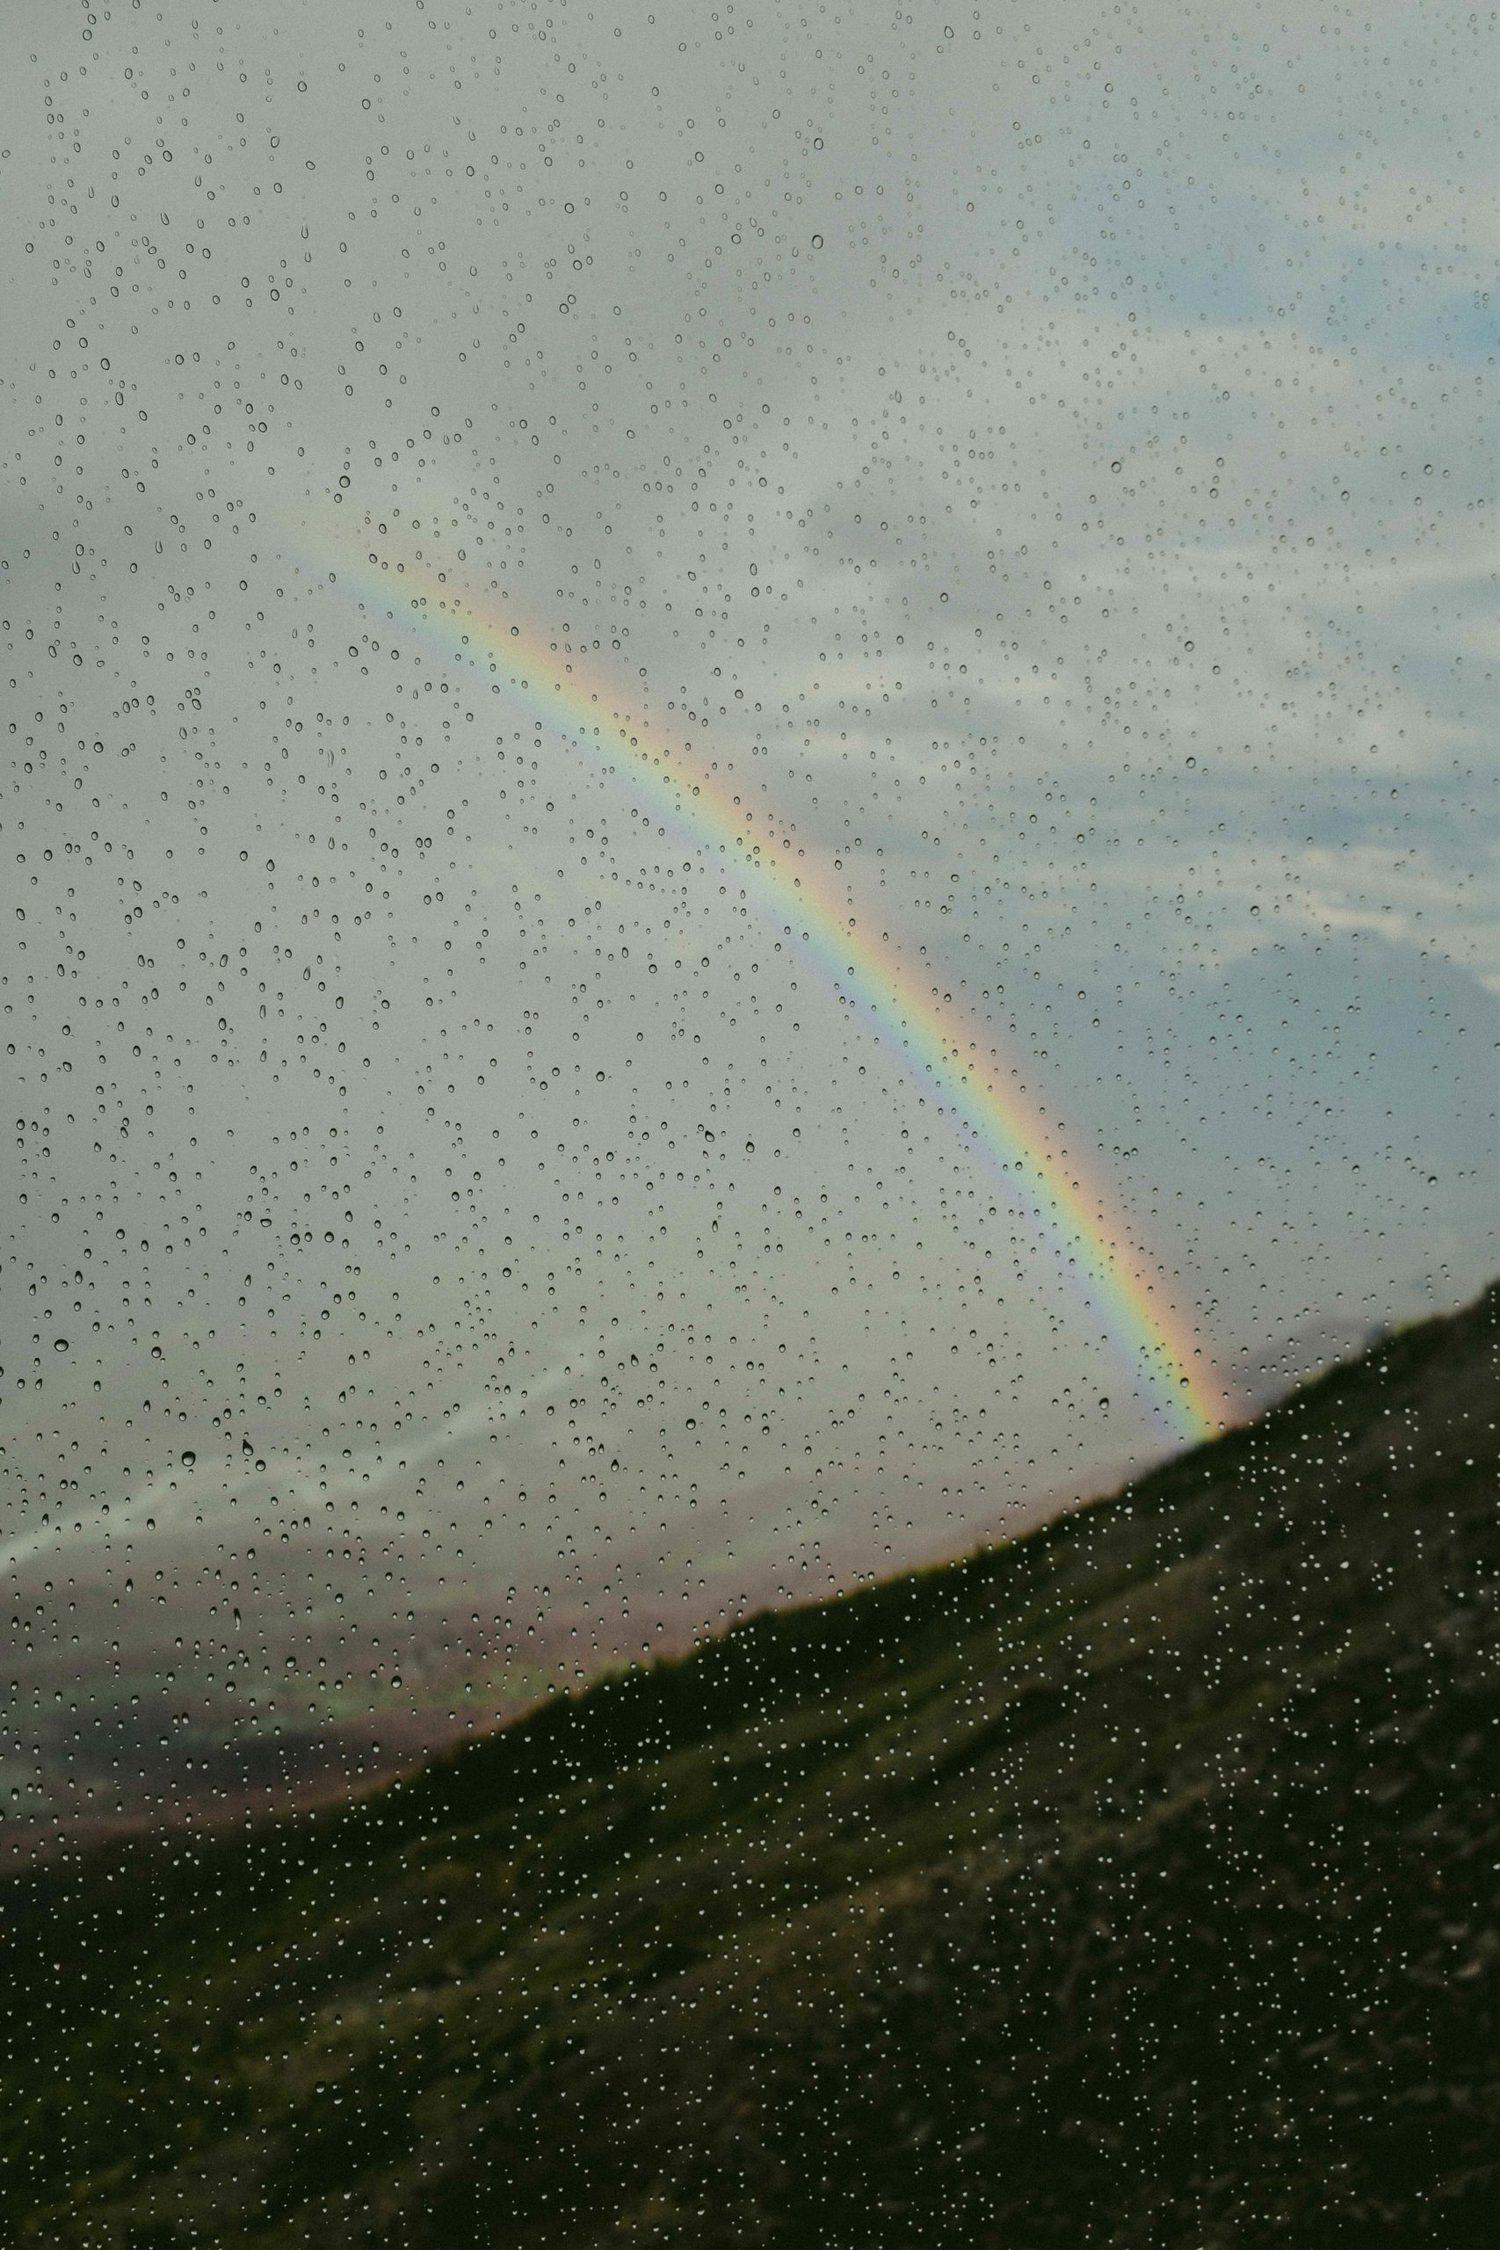 Arcoíris visto desde detrás de cristal con gotas de agua